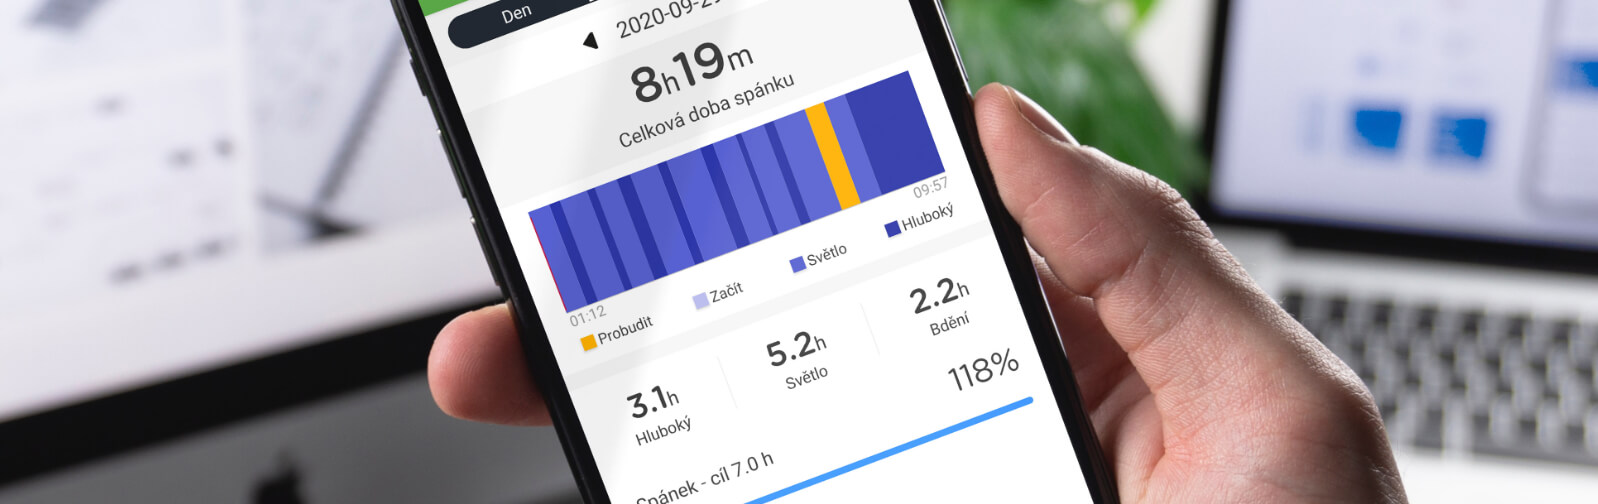 ARMODD Candywatch Crystal mobilní aplikace